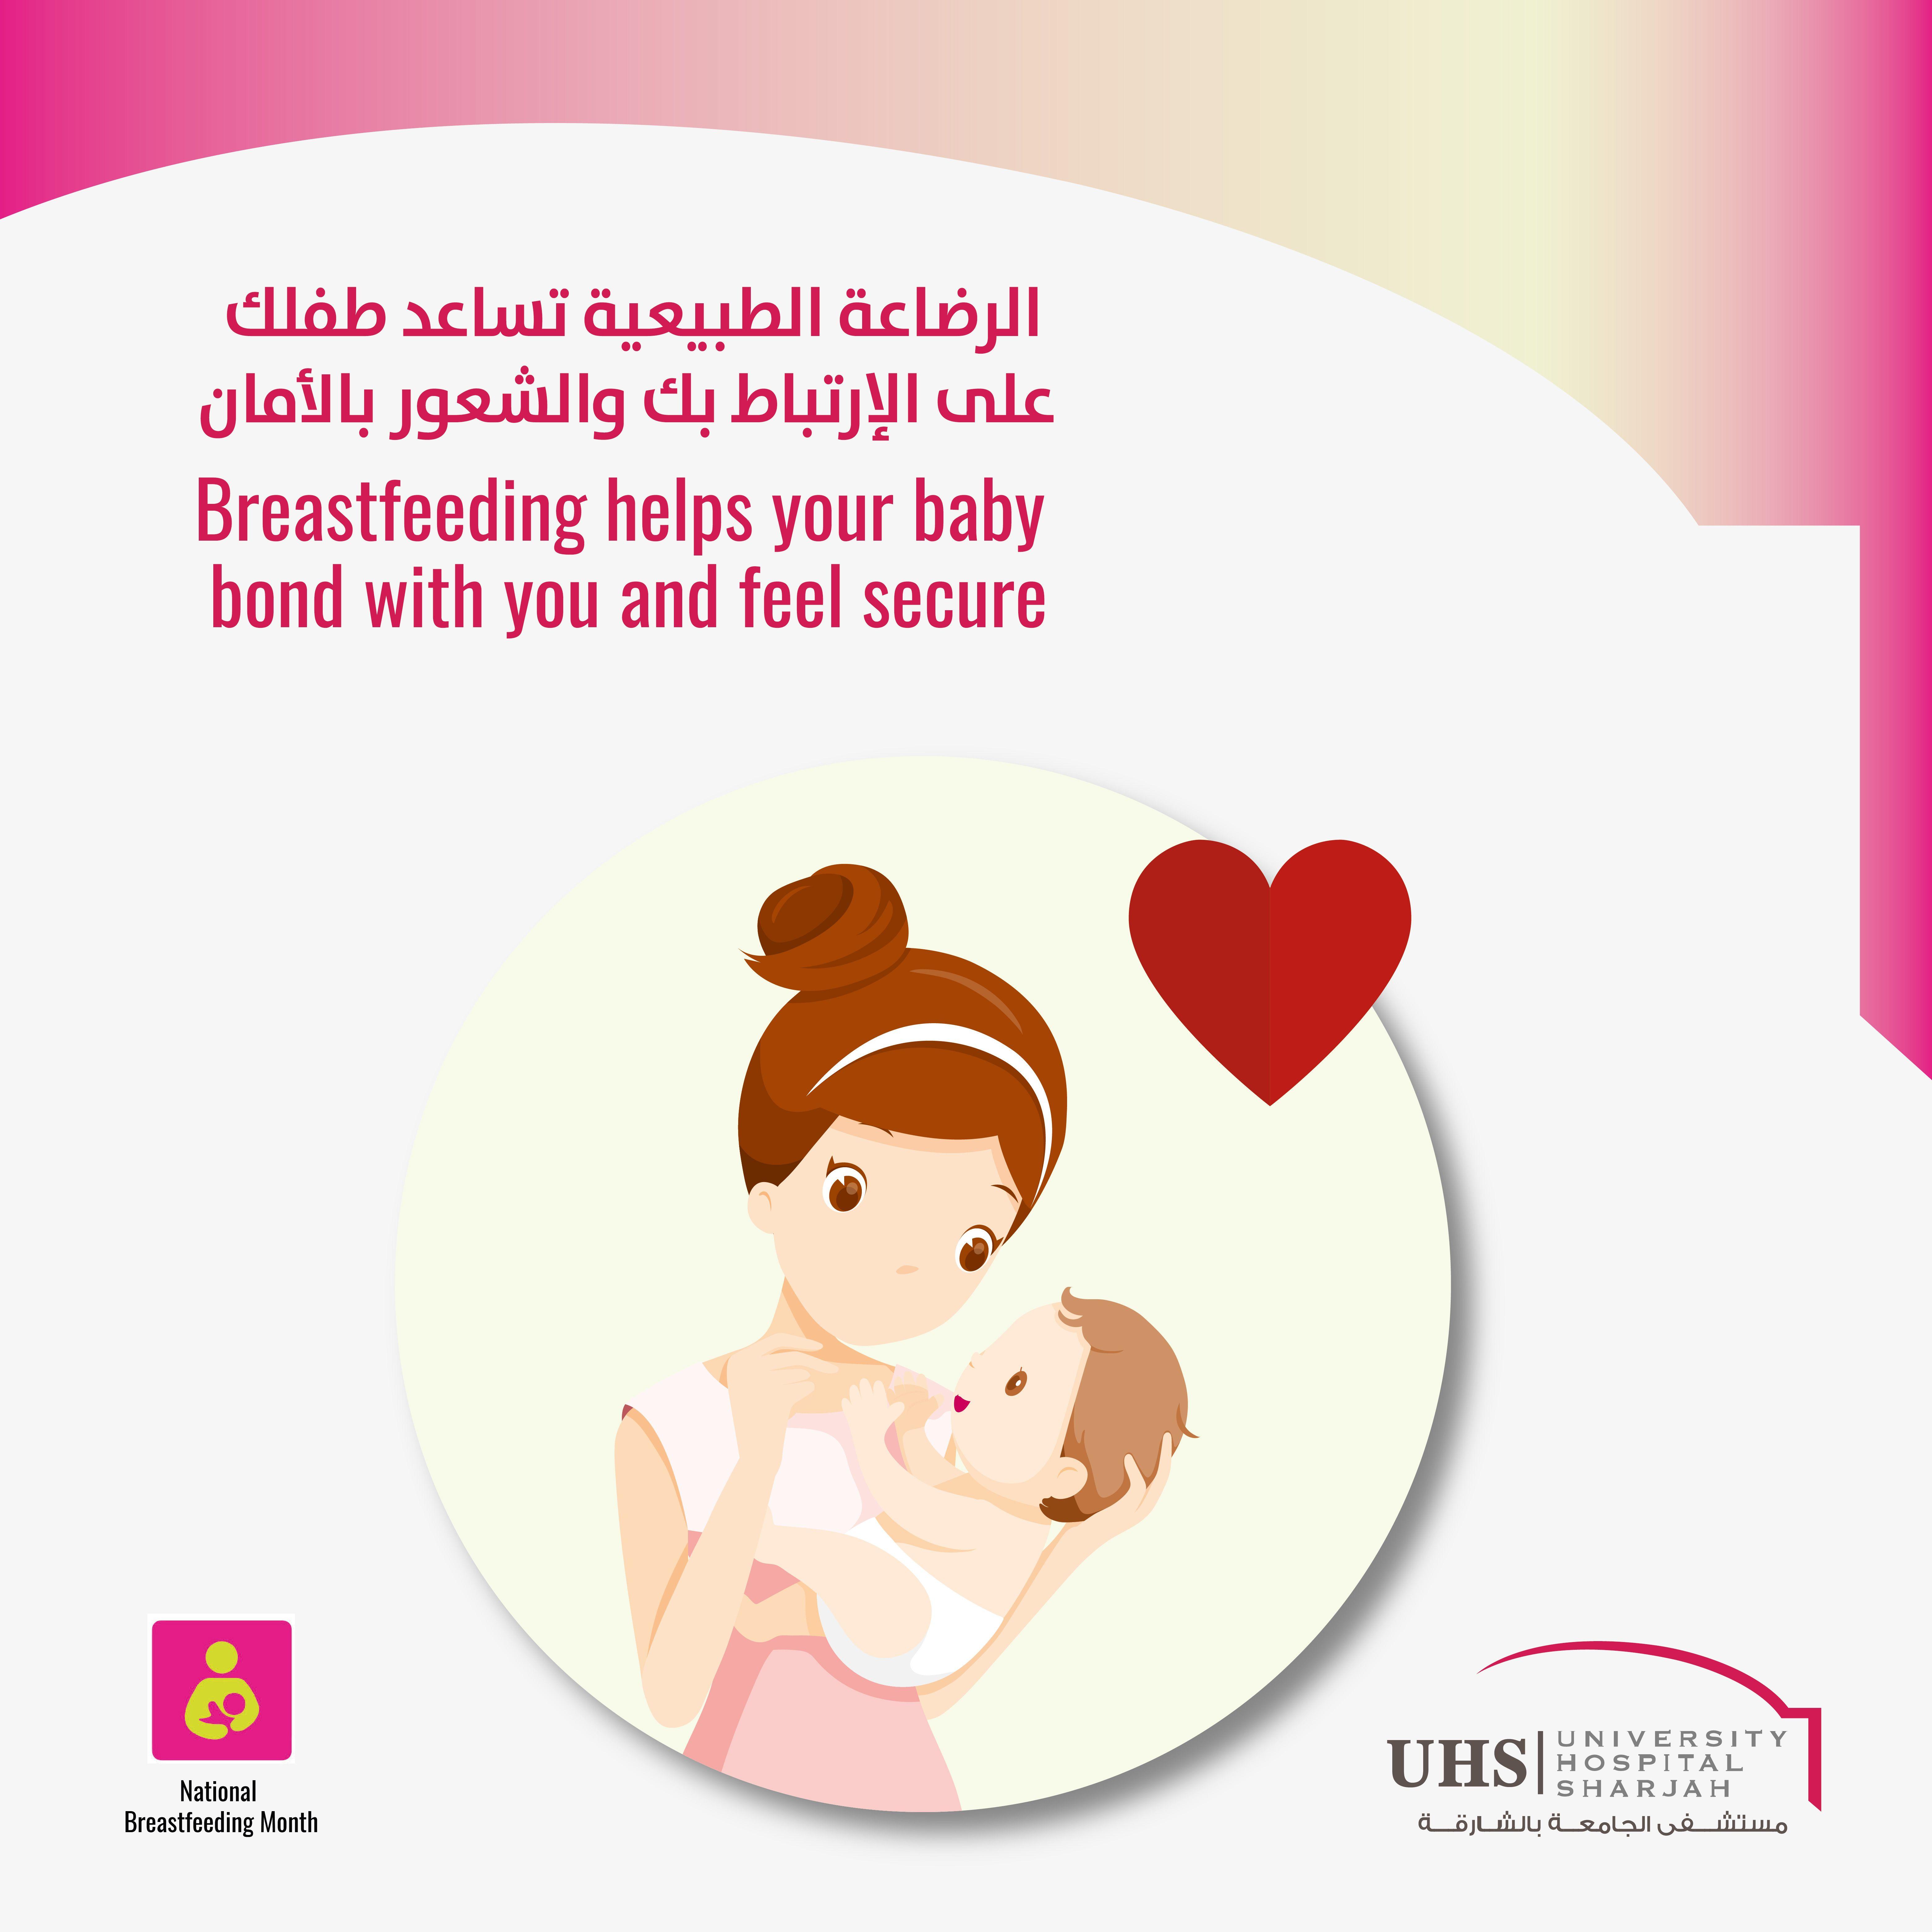 التقارب الجسدي وملامسة البشرة للبشرة والاتصال بالعيون كلها فوائد للرضاعة الطبيعية Breastfeeding Awareness Breastfeeding Awareness Month Breastfeeding Help